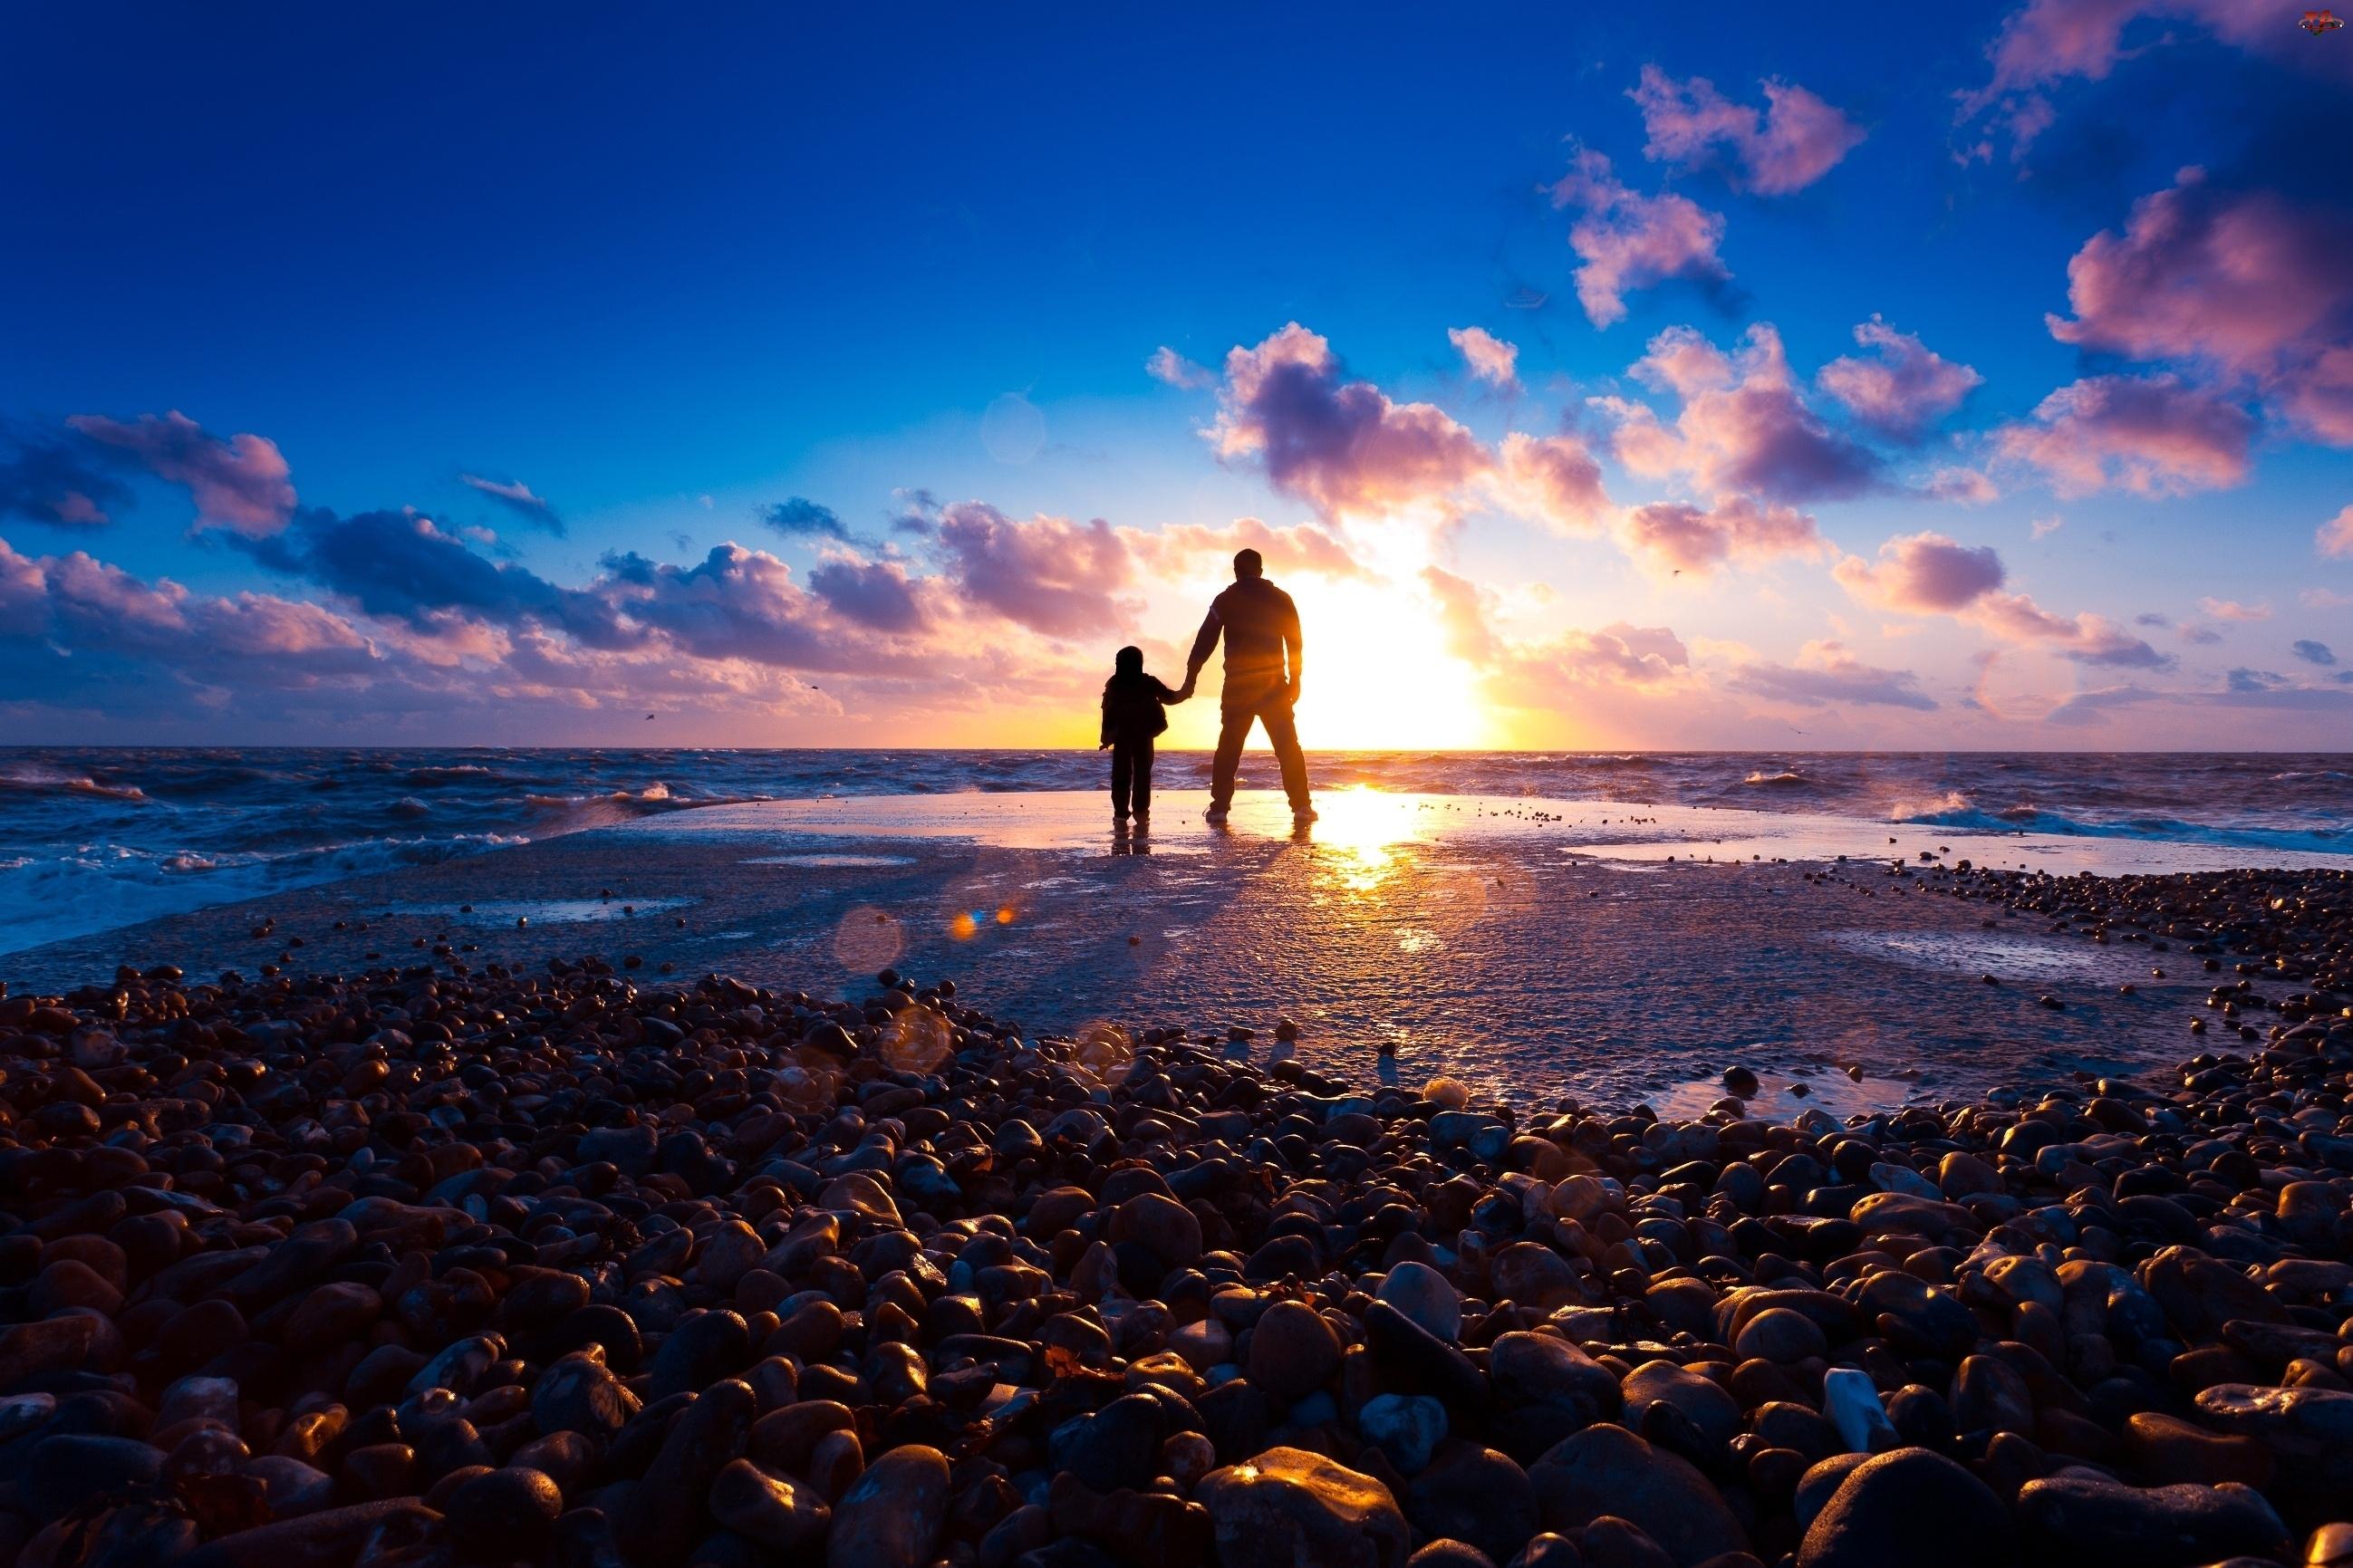 Morze, Mężczyzna, Zachód, Dziecko, Słońca, Kamienie